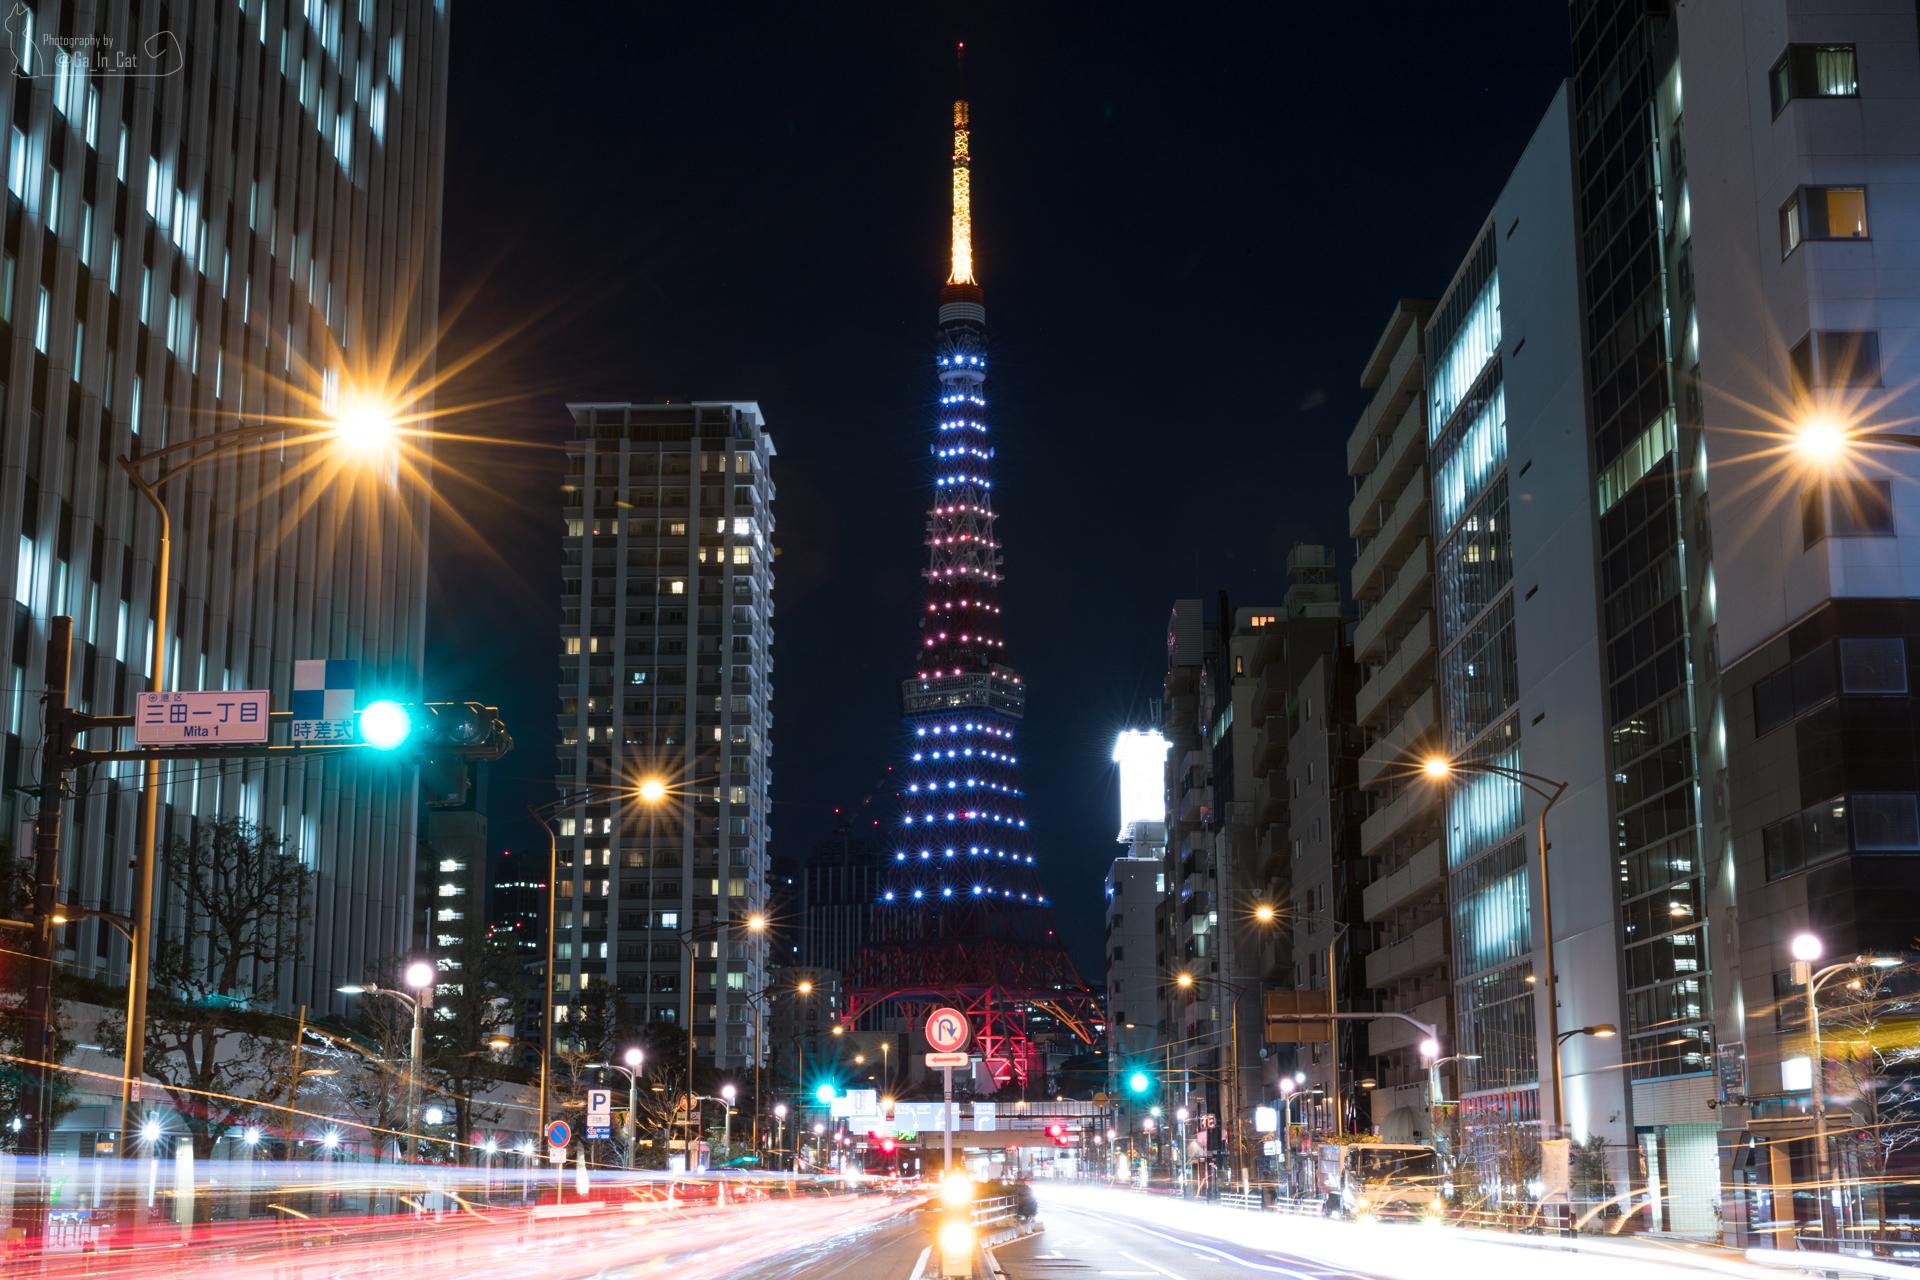 190128 東京タワー 大坂なおみ祝日の丸カラー